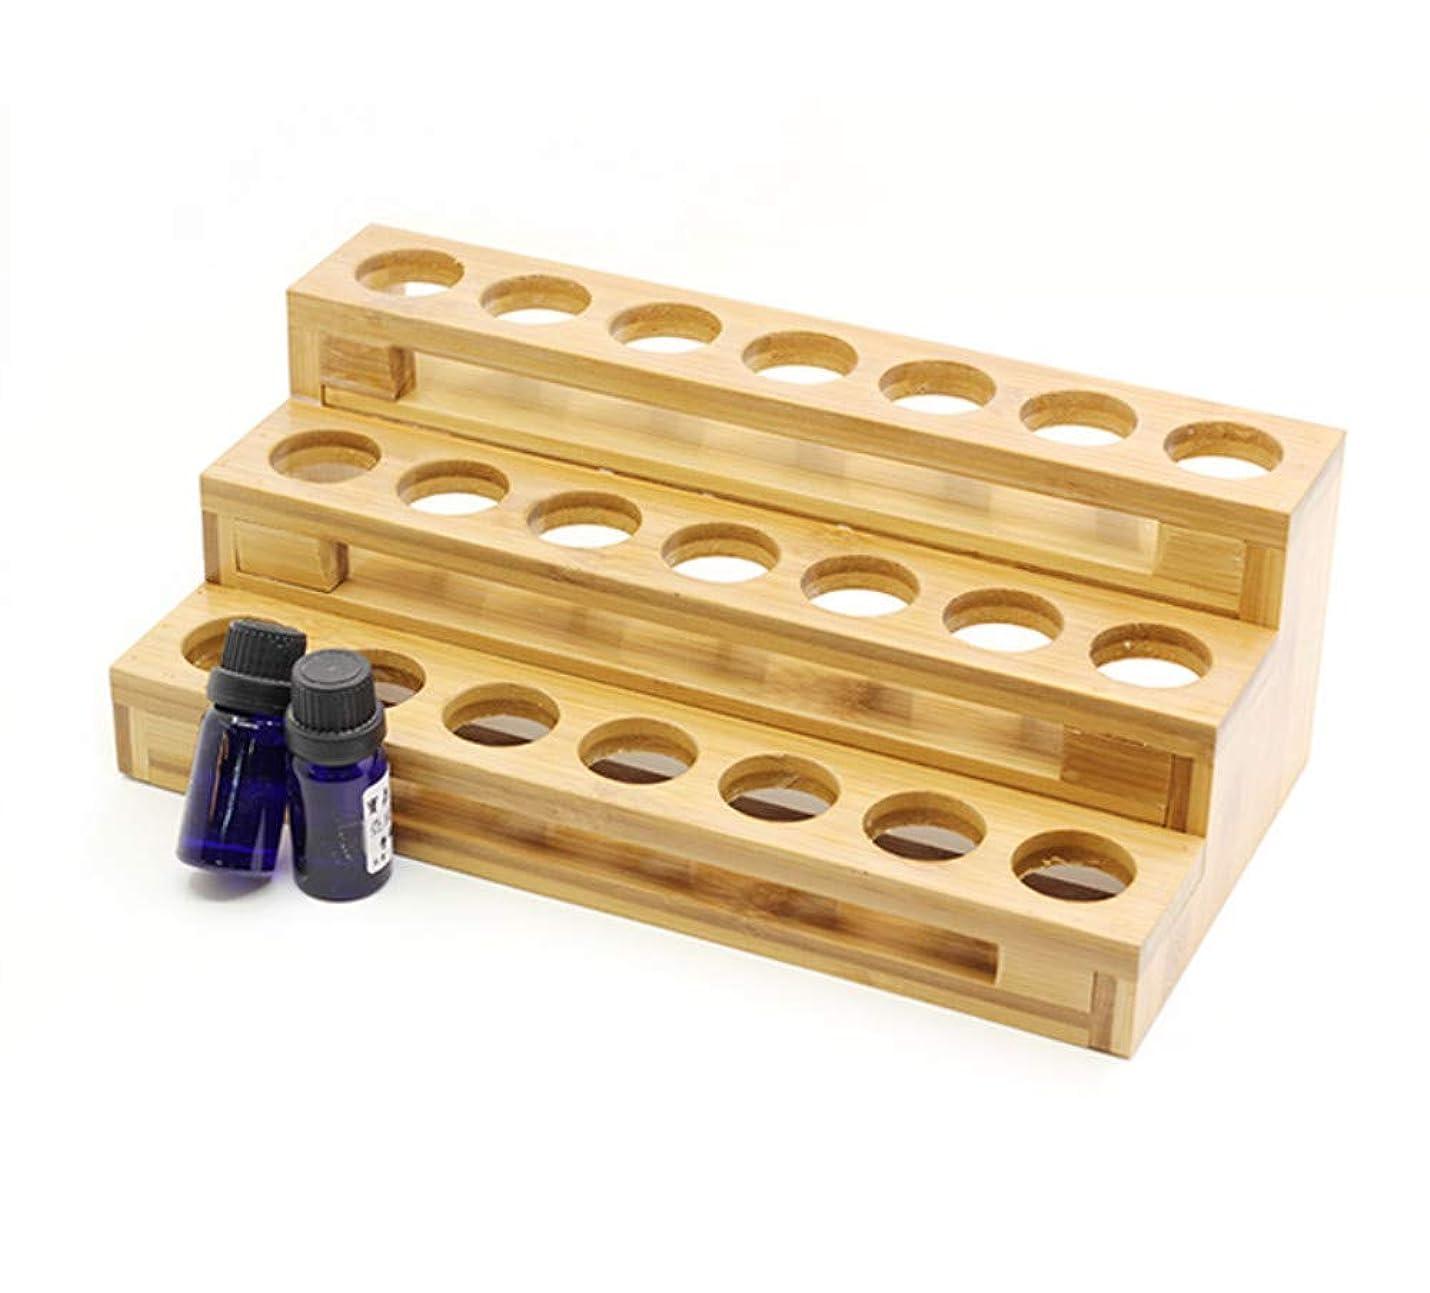 セール散髪誰がエッセンシャルオイル収納ボックス エッセンシャルオイル香水コレクションディスプレイスタンド 18本用 木製エッセンシャルオイルボックス メイクポーチ 精油収納ケース 携帯用 自然ウッド精油収納ボックス 香水収納ケース